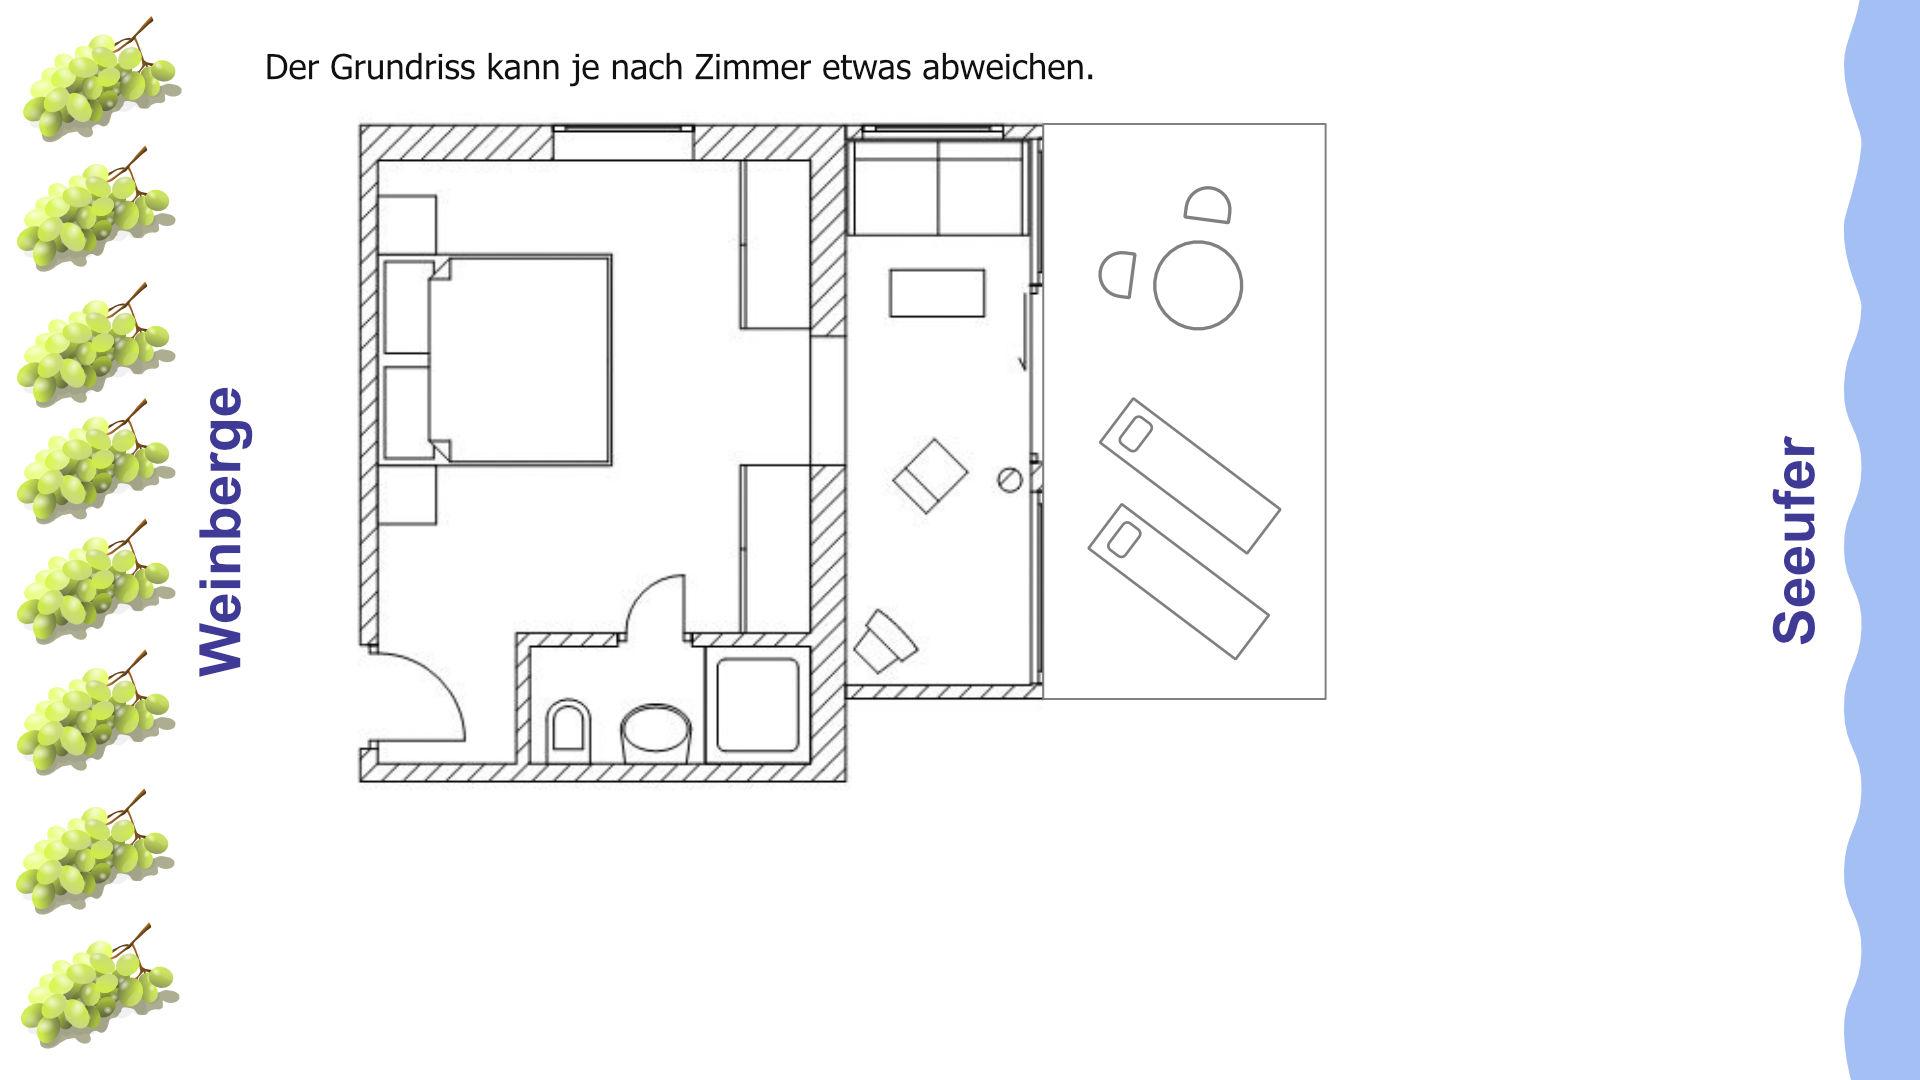 Grundriss der Suiten mit Balkon, Wohnbereich und Blick auf den Bodensee